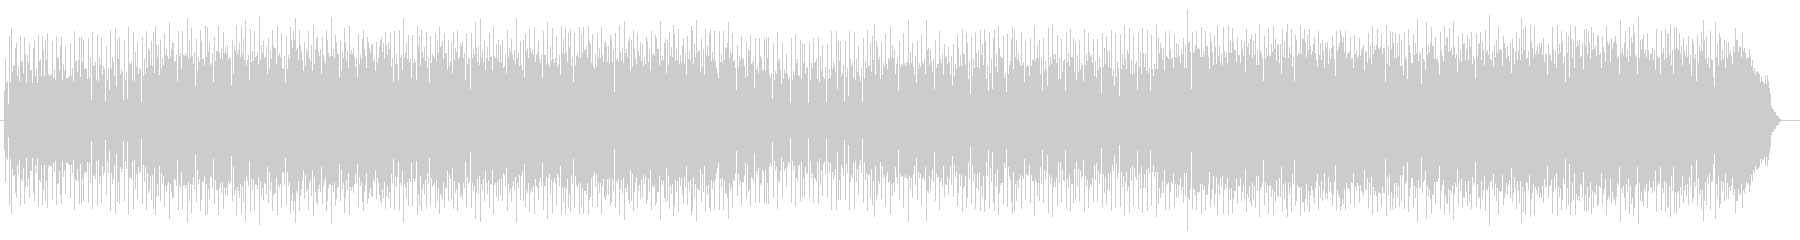 リズミカルで煌びやかなピアノサウンドの未再生の波形